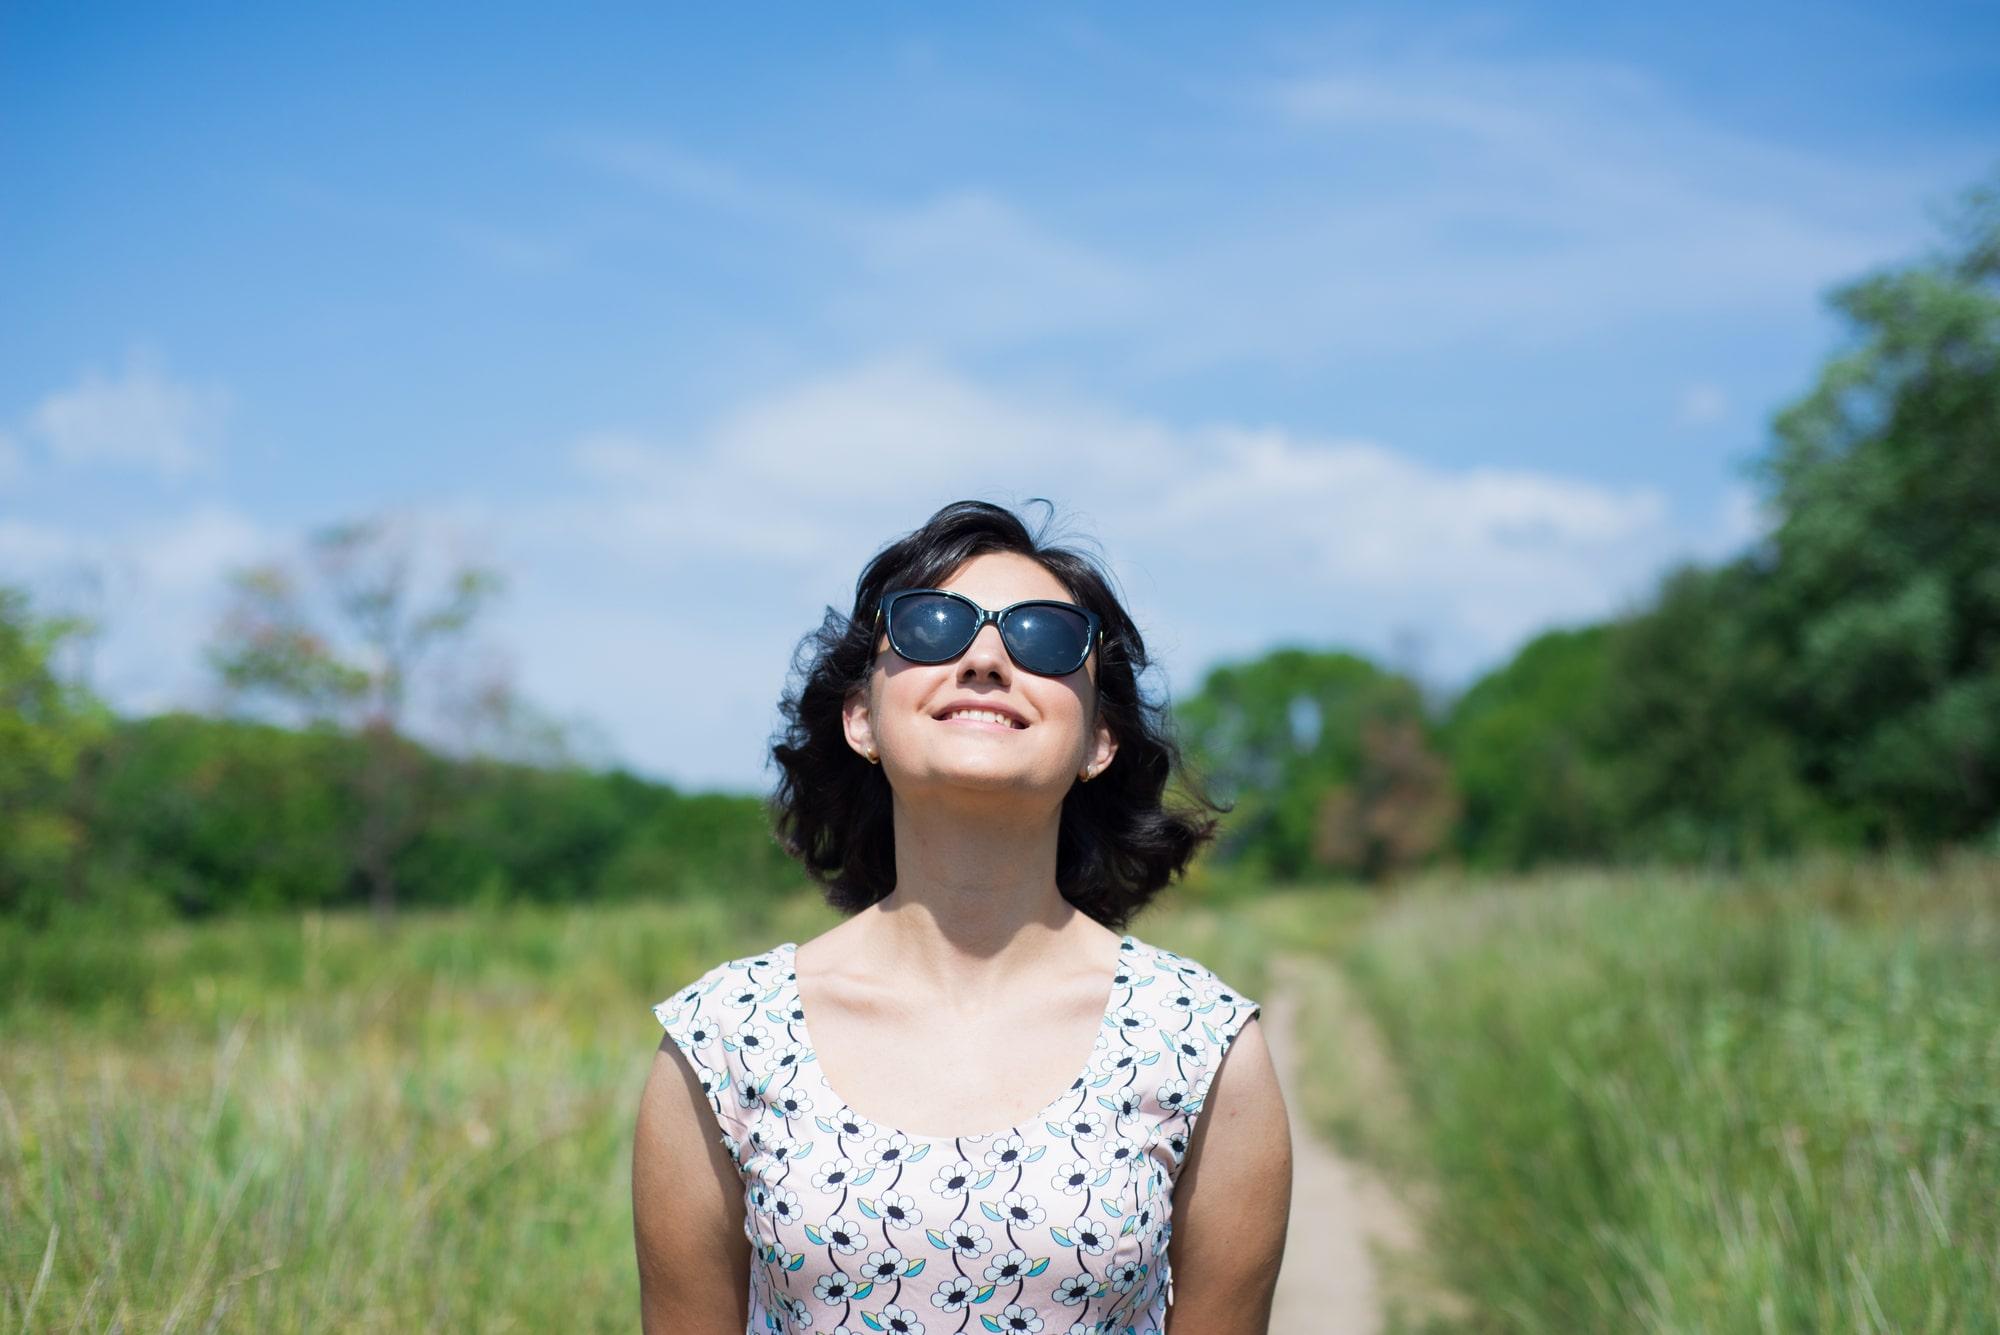 Фотосессия Love Story в солнечных очках - Фотограф Женя Лайт